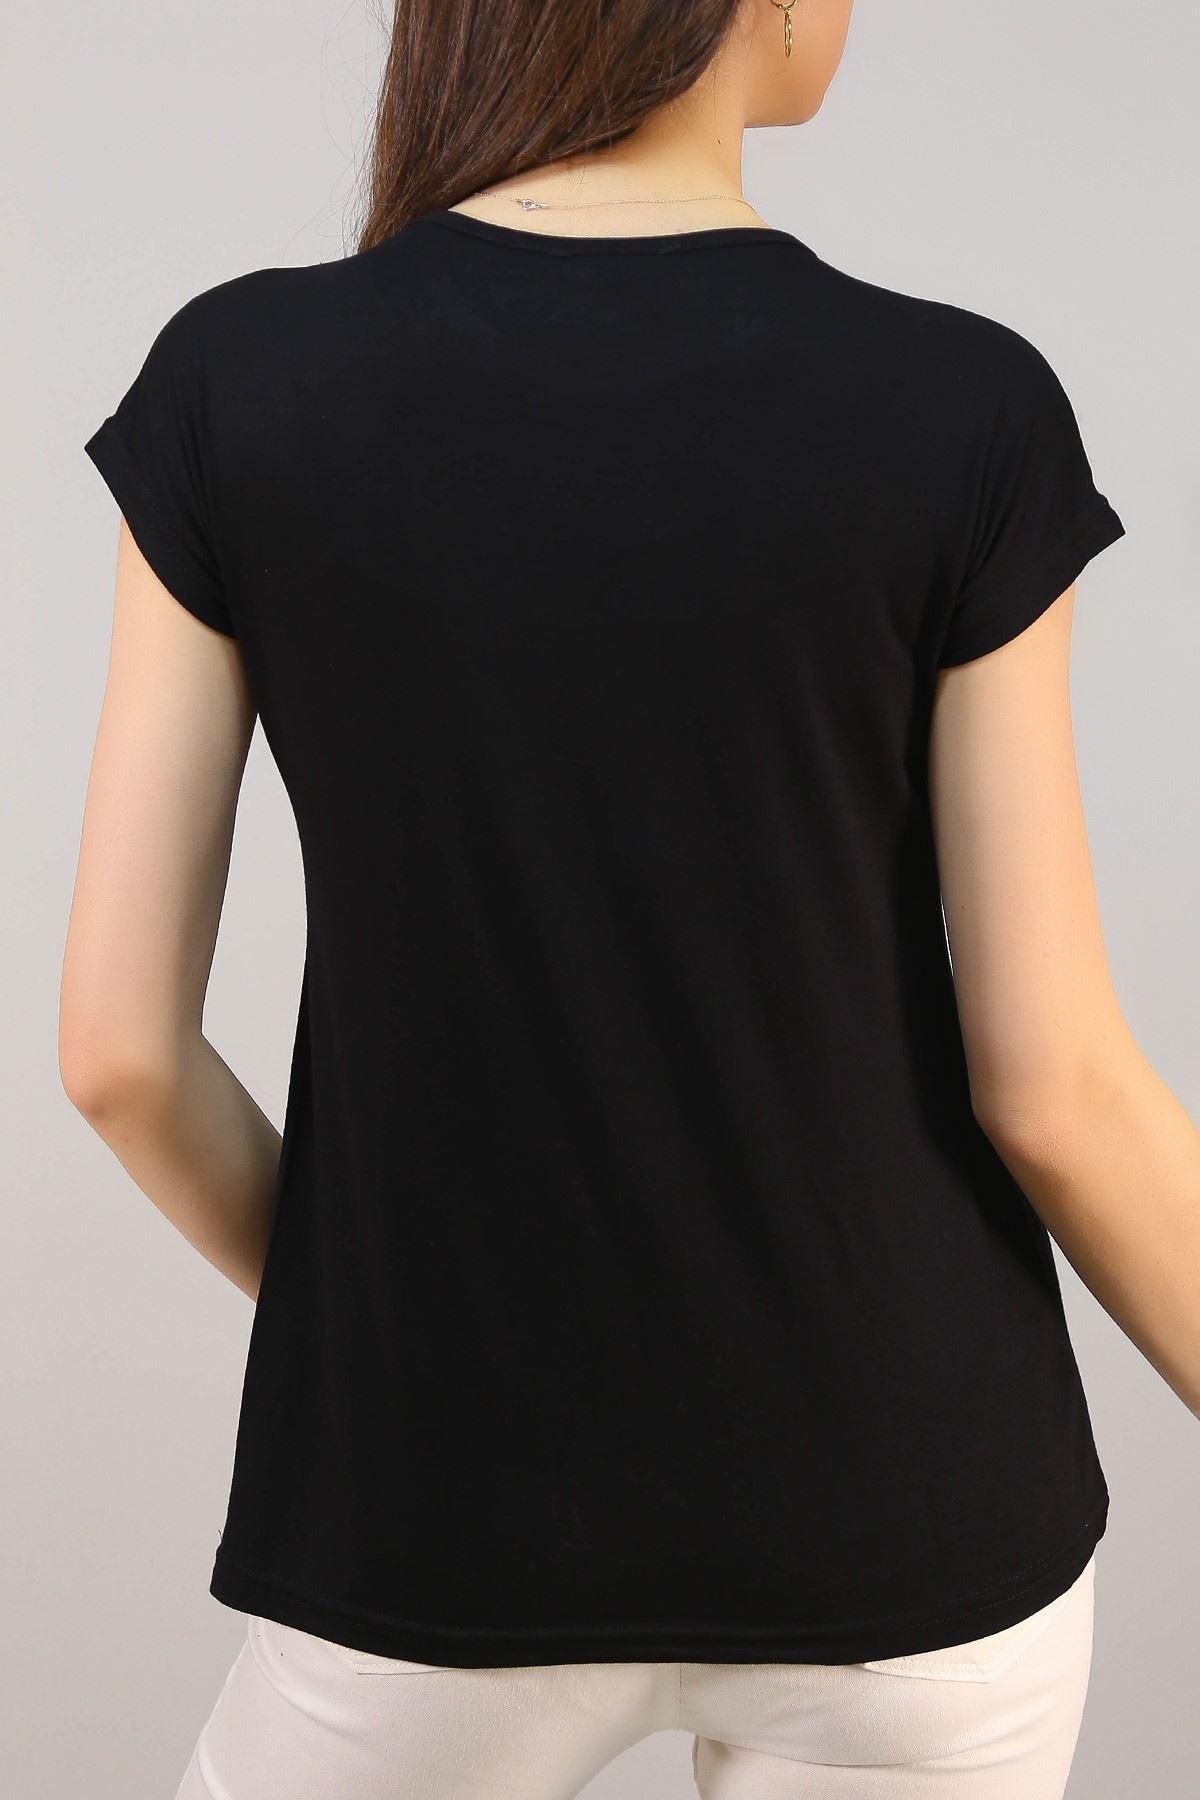 Baskılı Tişört Siyah - 5042.139.